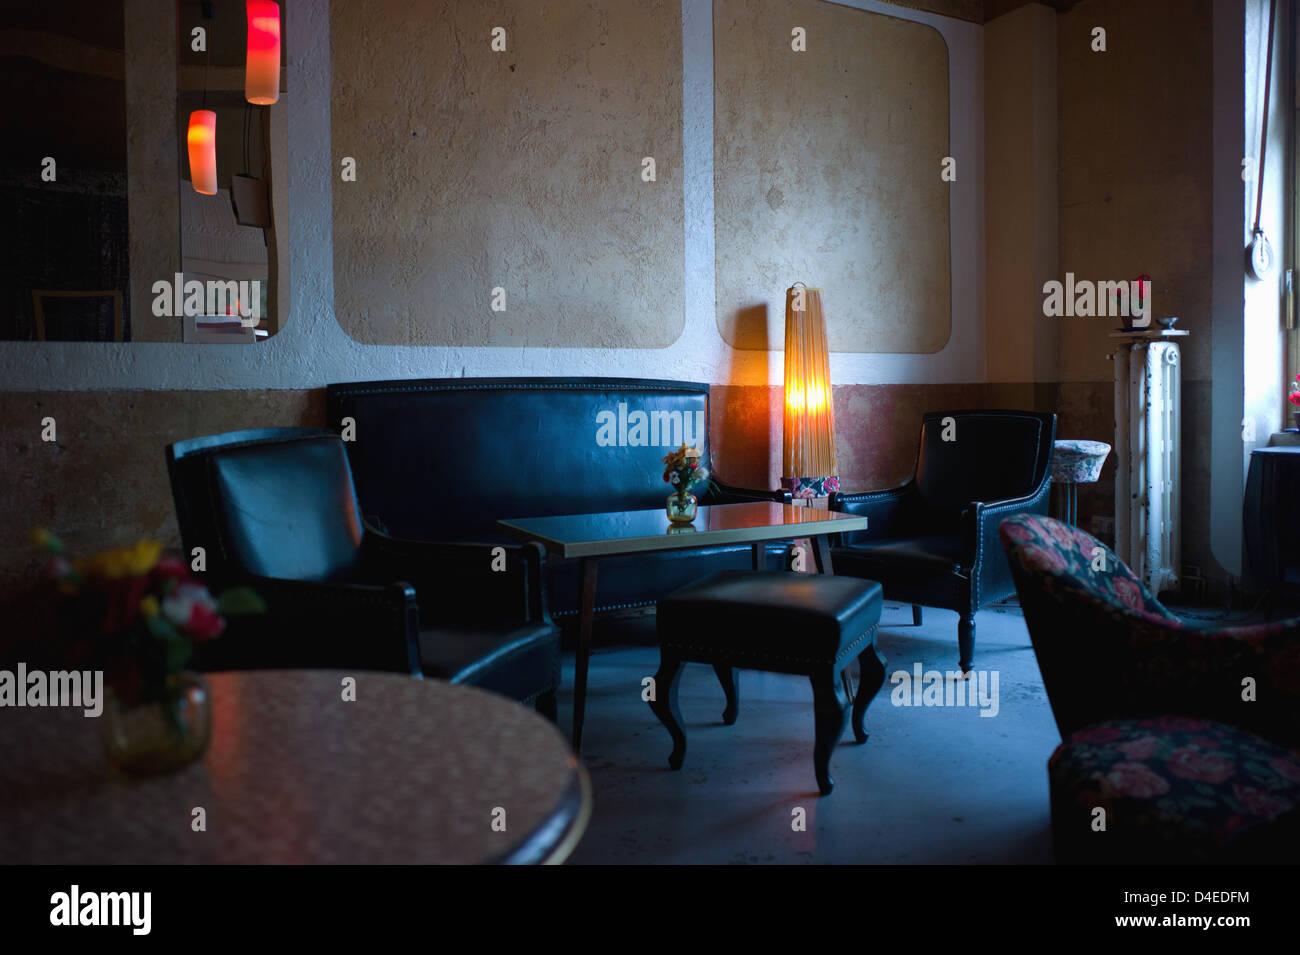 Berlin, Deutschland, Anlage Cafe Szene im Wohnzimmer Stockfoto, Bild ...